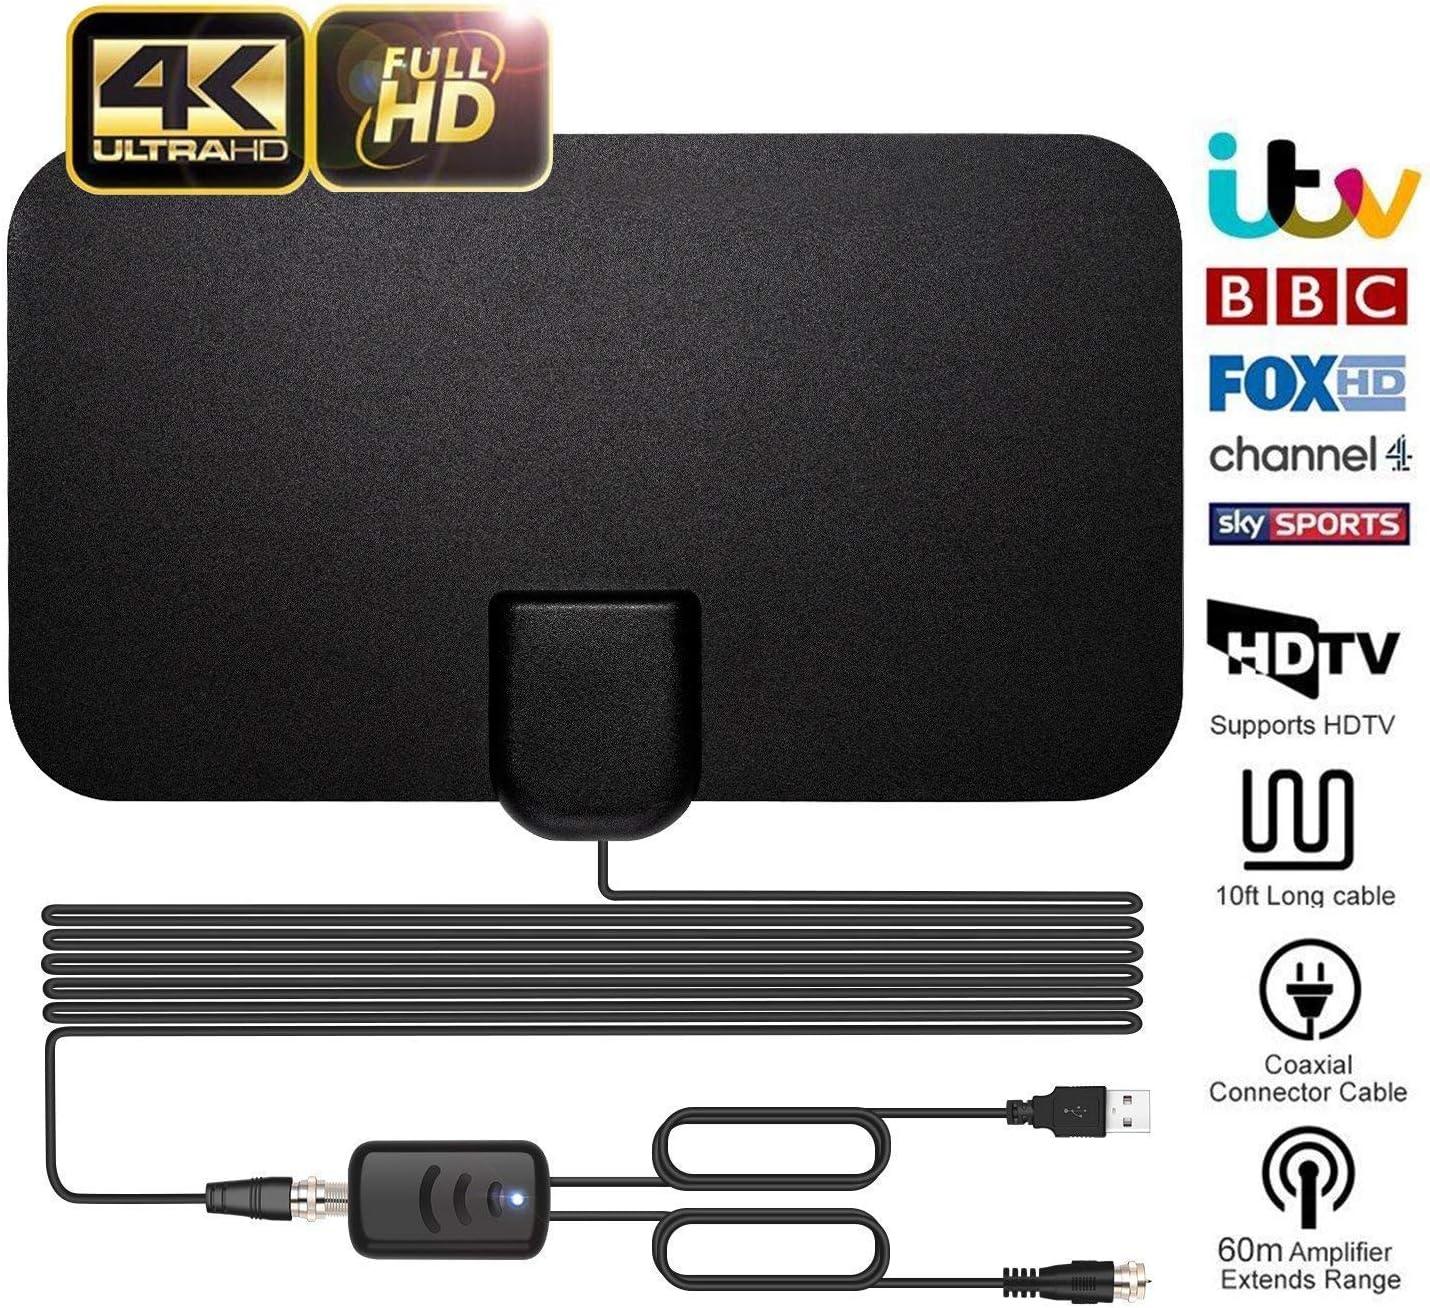 Antena de TV para interior para visión digital, más de 96,6 km de largo alcance, acceso a antena de TV Freeview, compatible con canales 4K 1080P HD/VHF/UHF de visión libre para todos